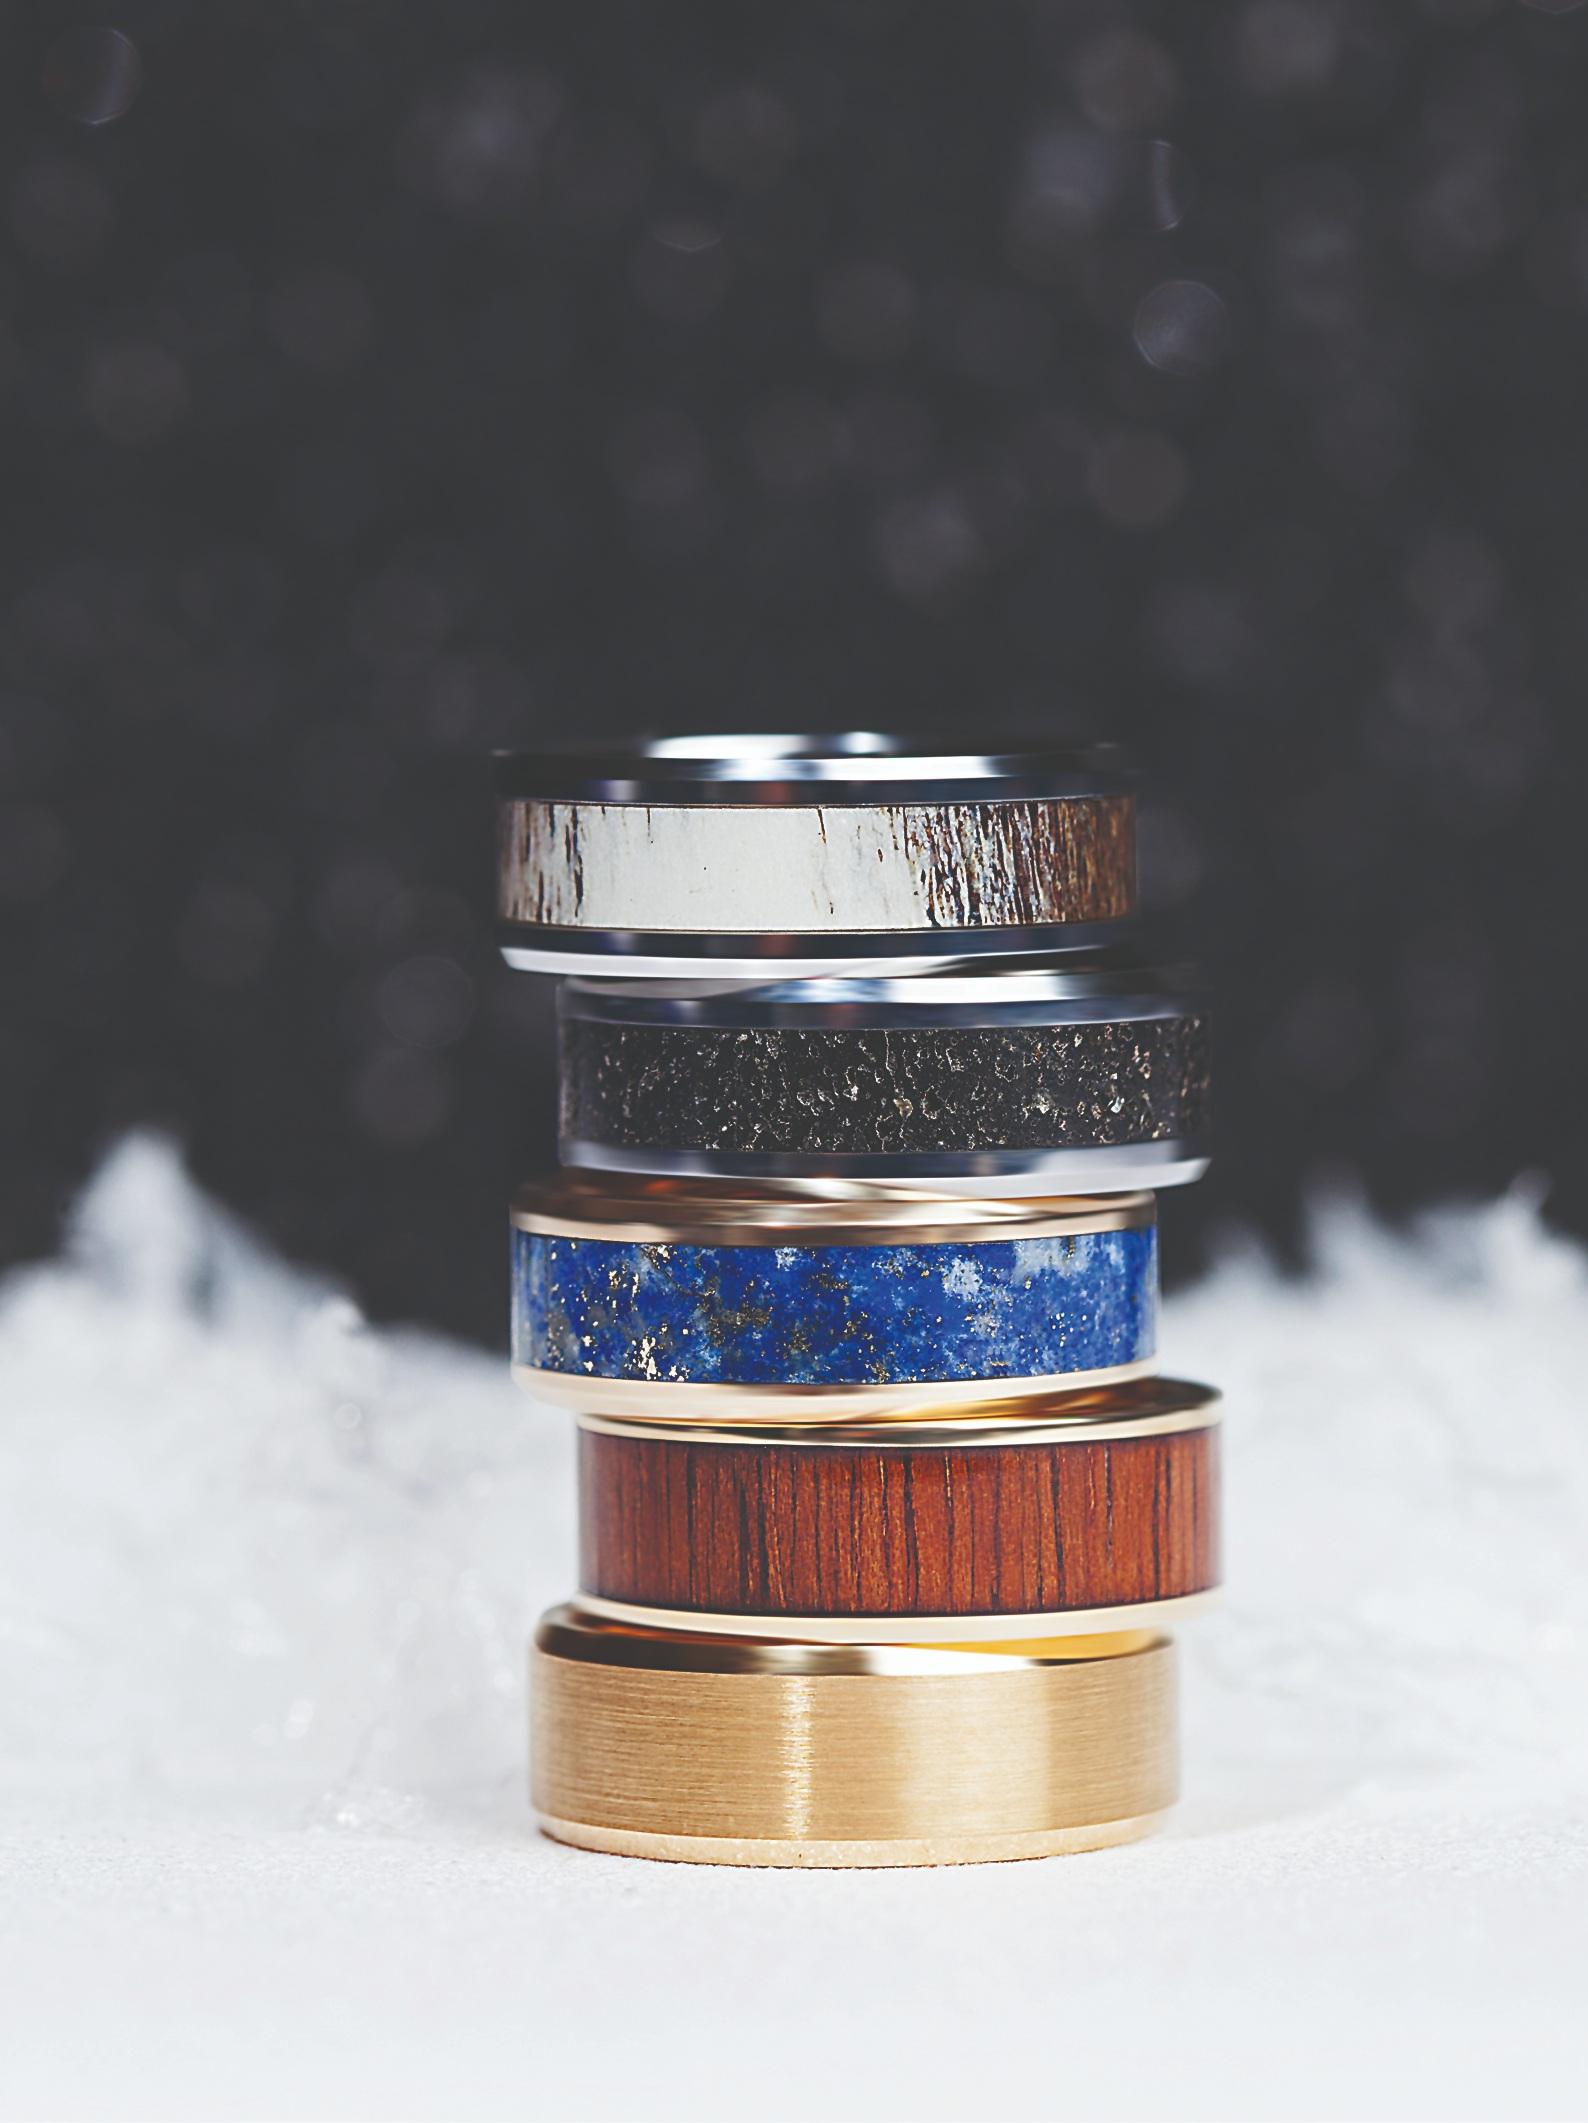 Tungsten+Buck%2BKilauea%2BLazarus%2BAurelian%2BHonor+InStore+Ad.jpg